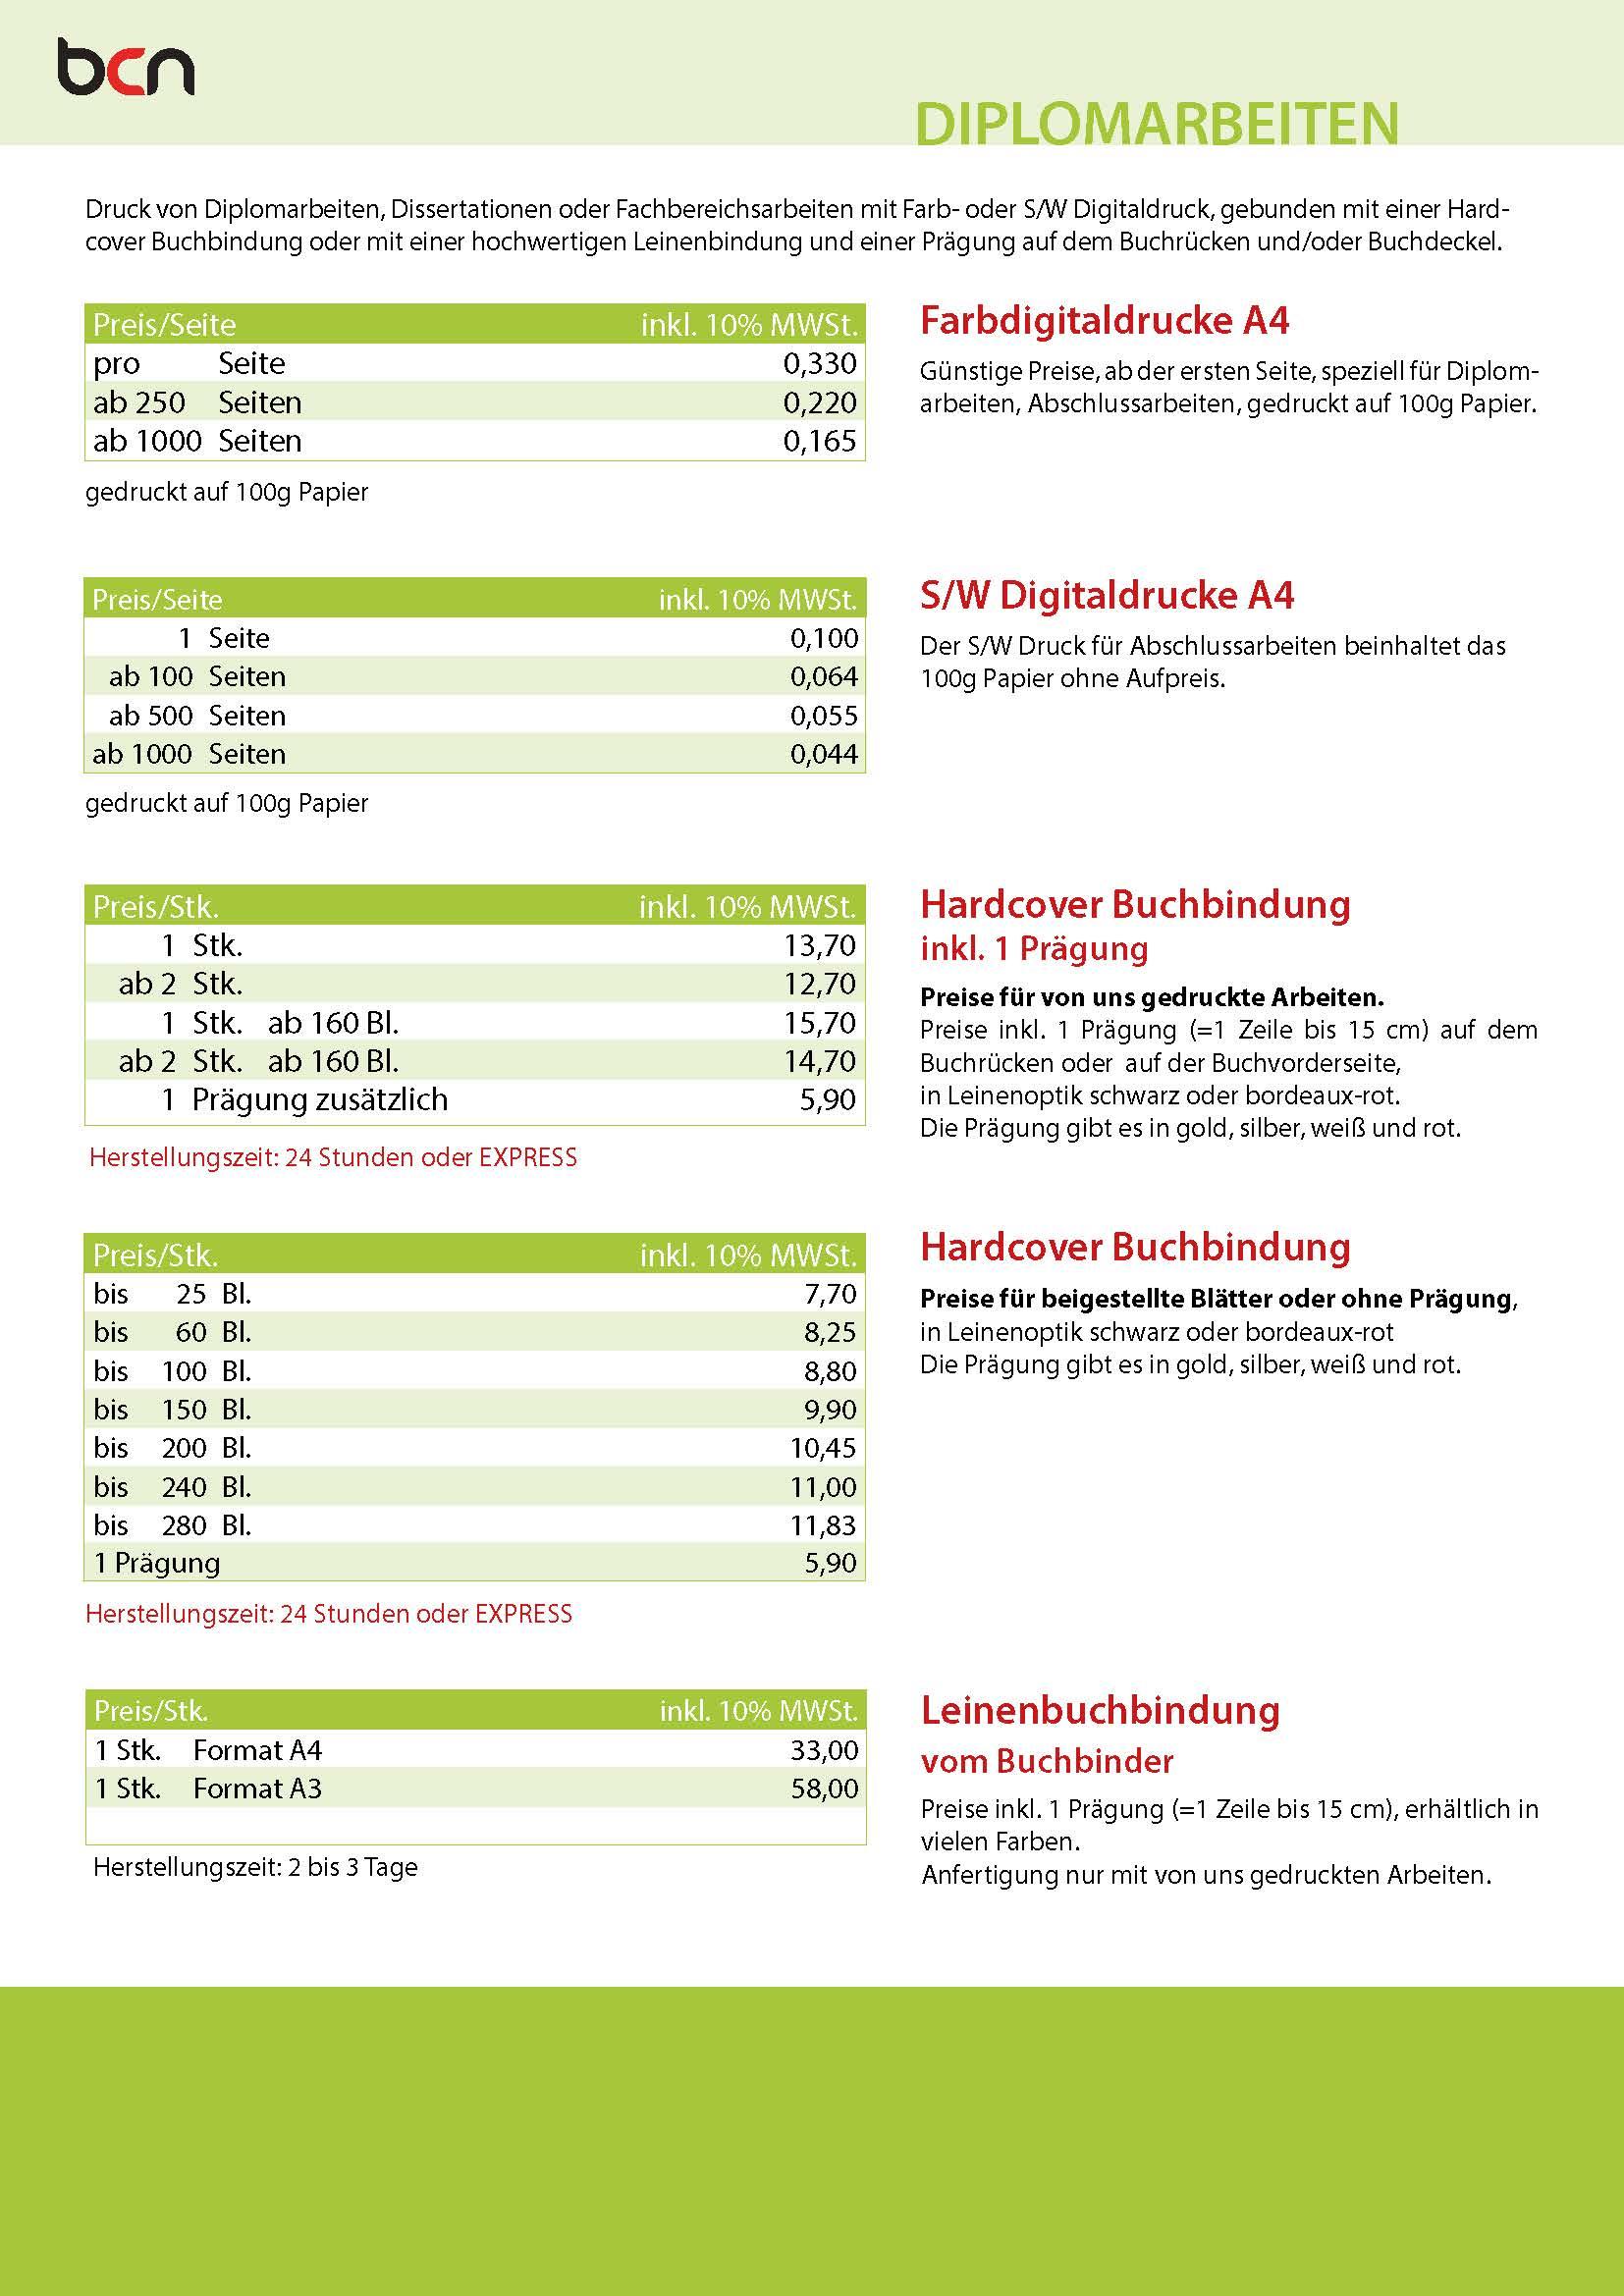 BCN - Preisliste Abschlussarbeiten